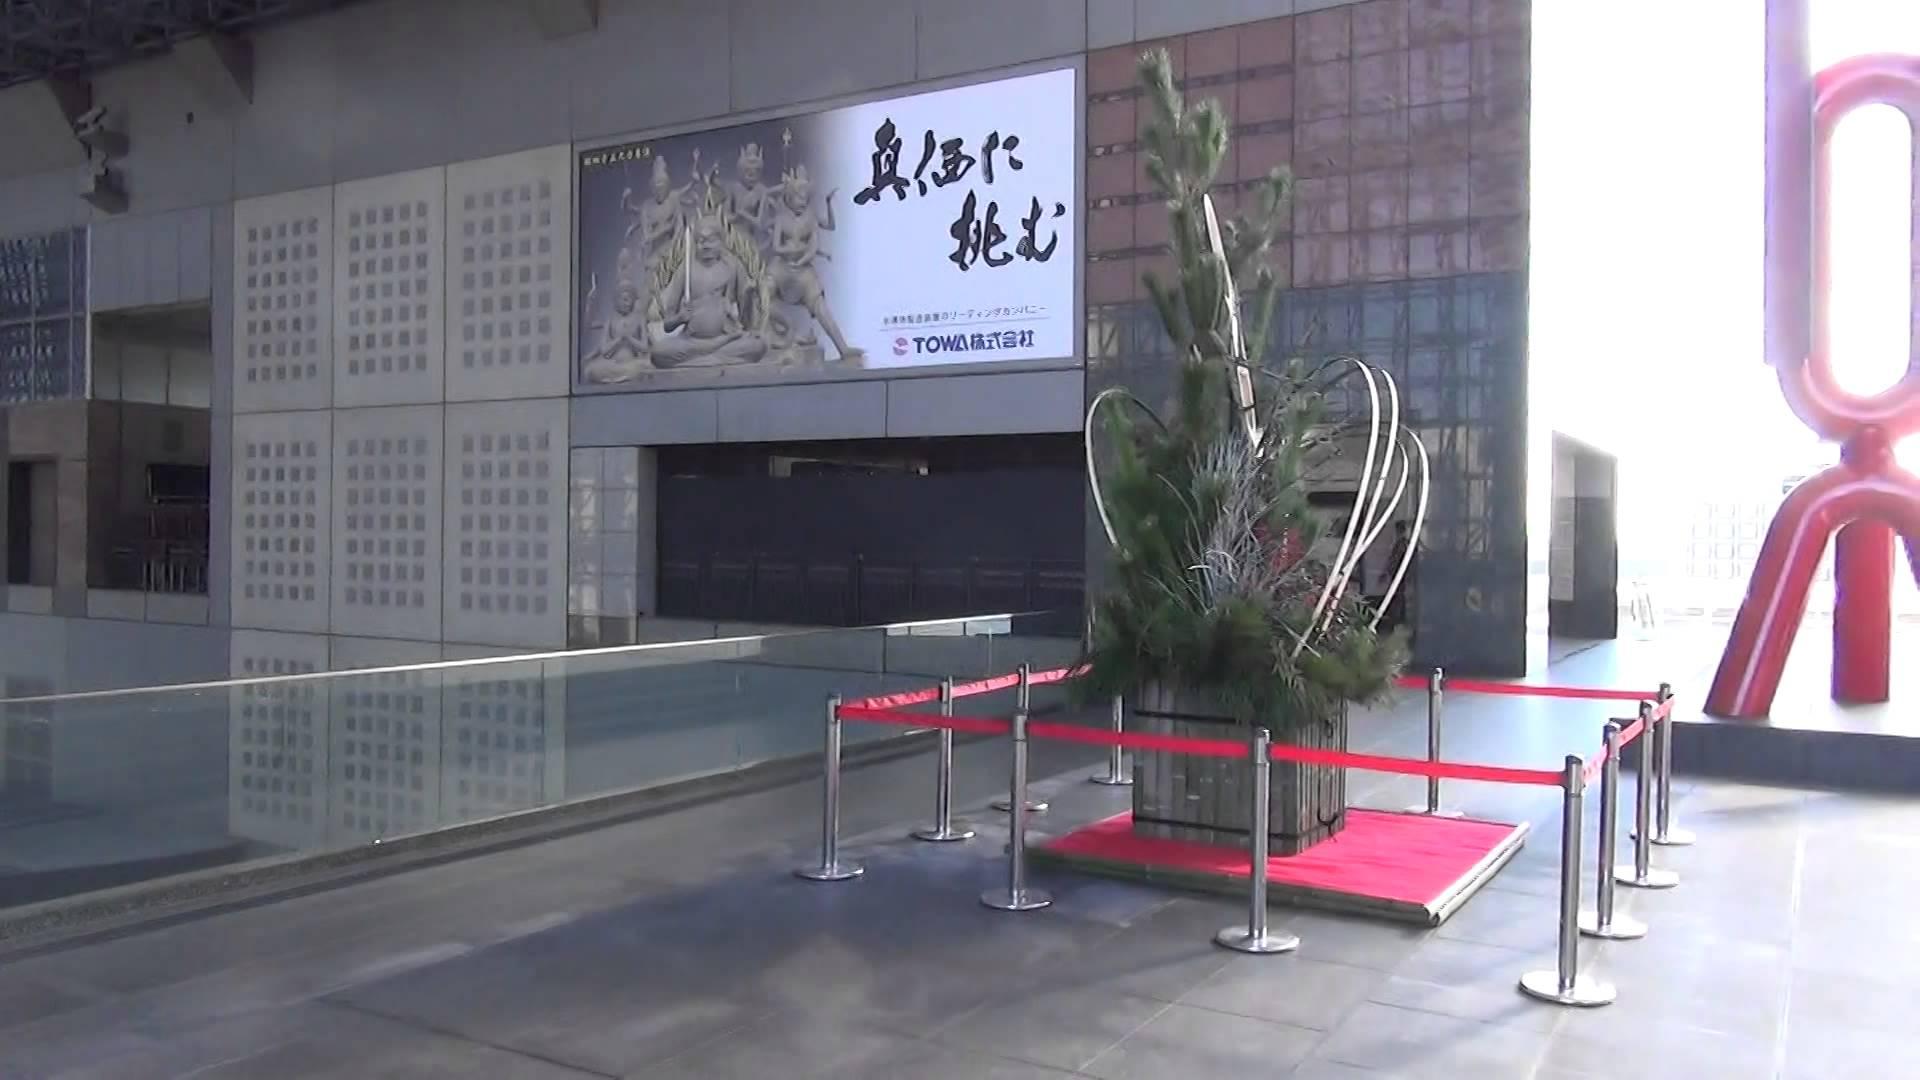 JR京都駅 大階段前広場に2014年お正月に向けて角松登場